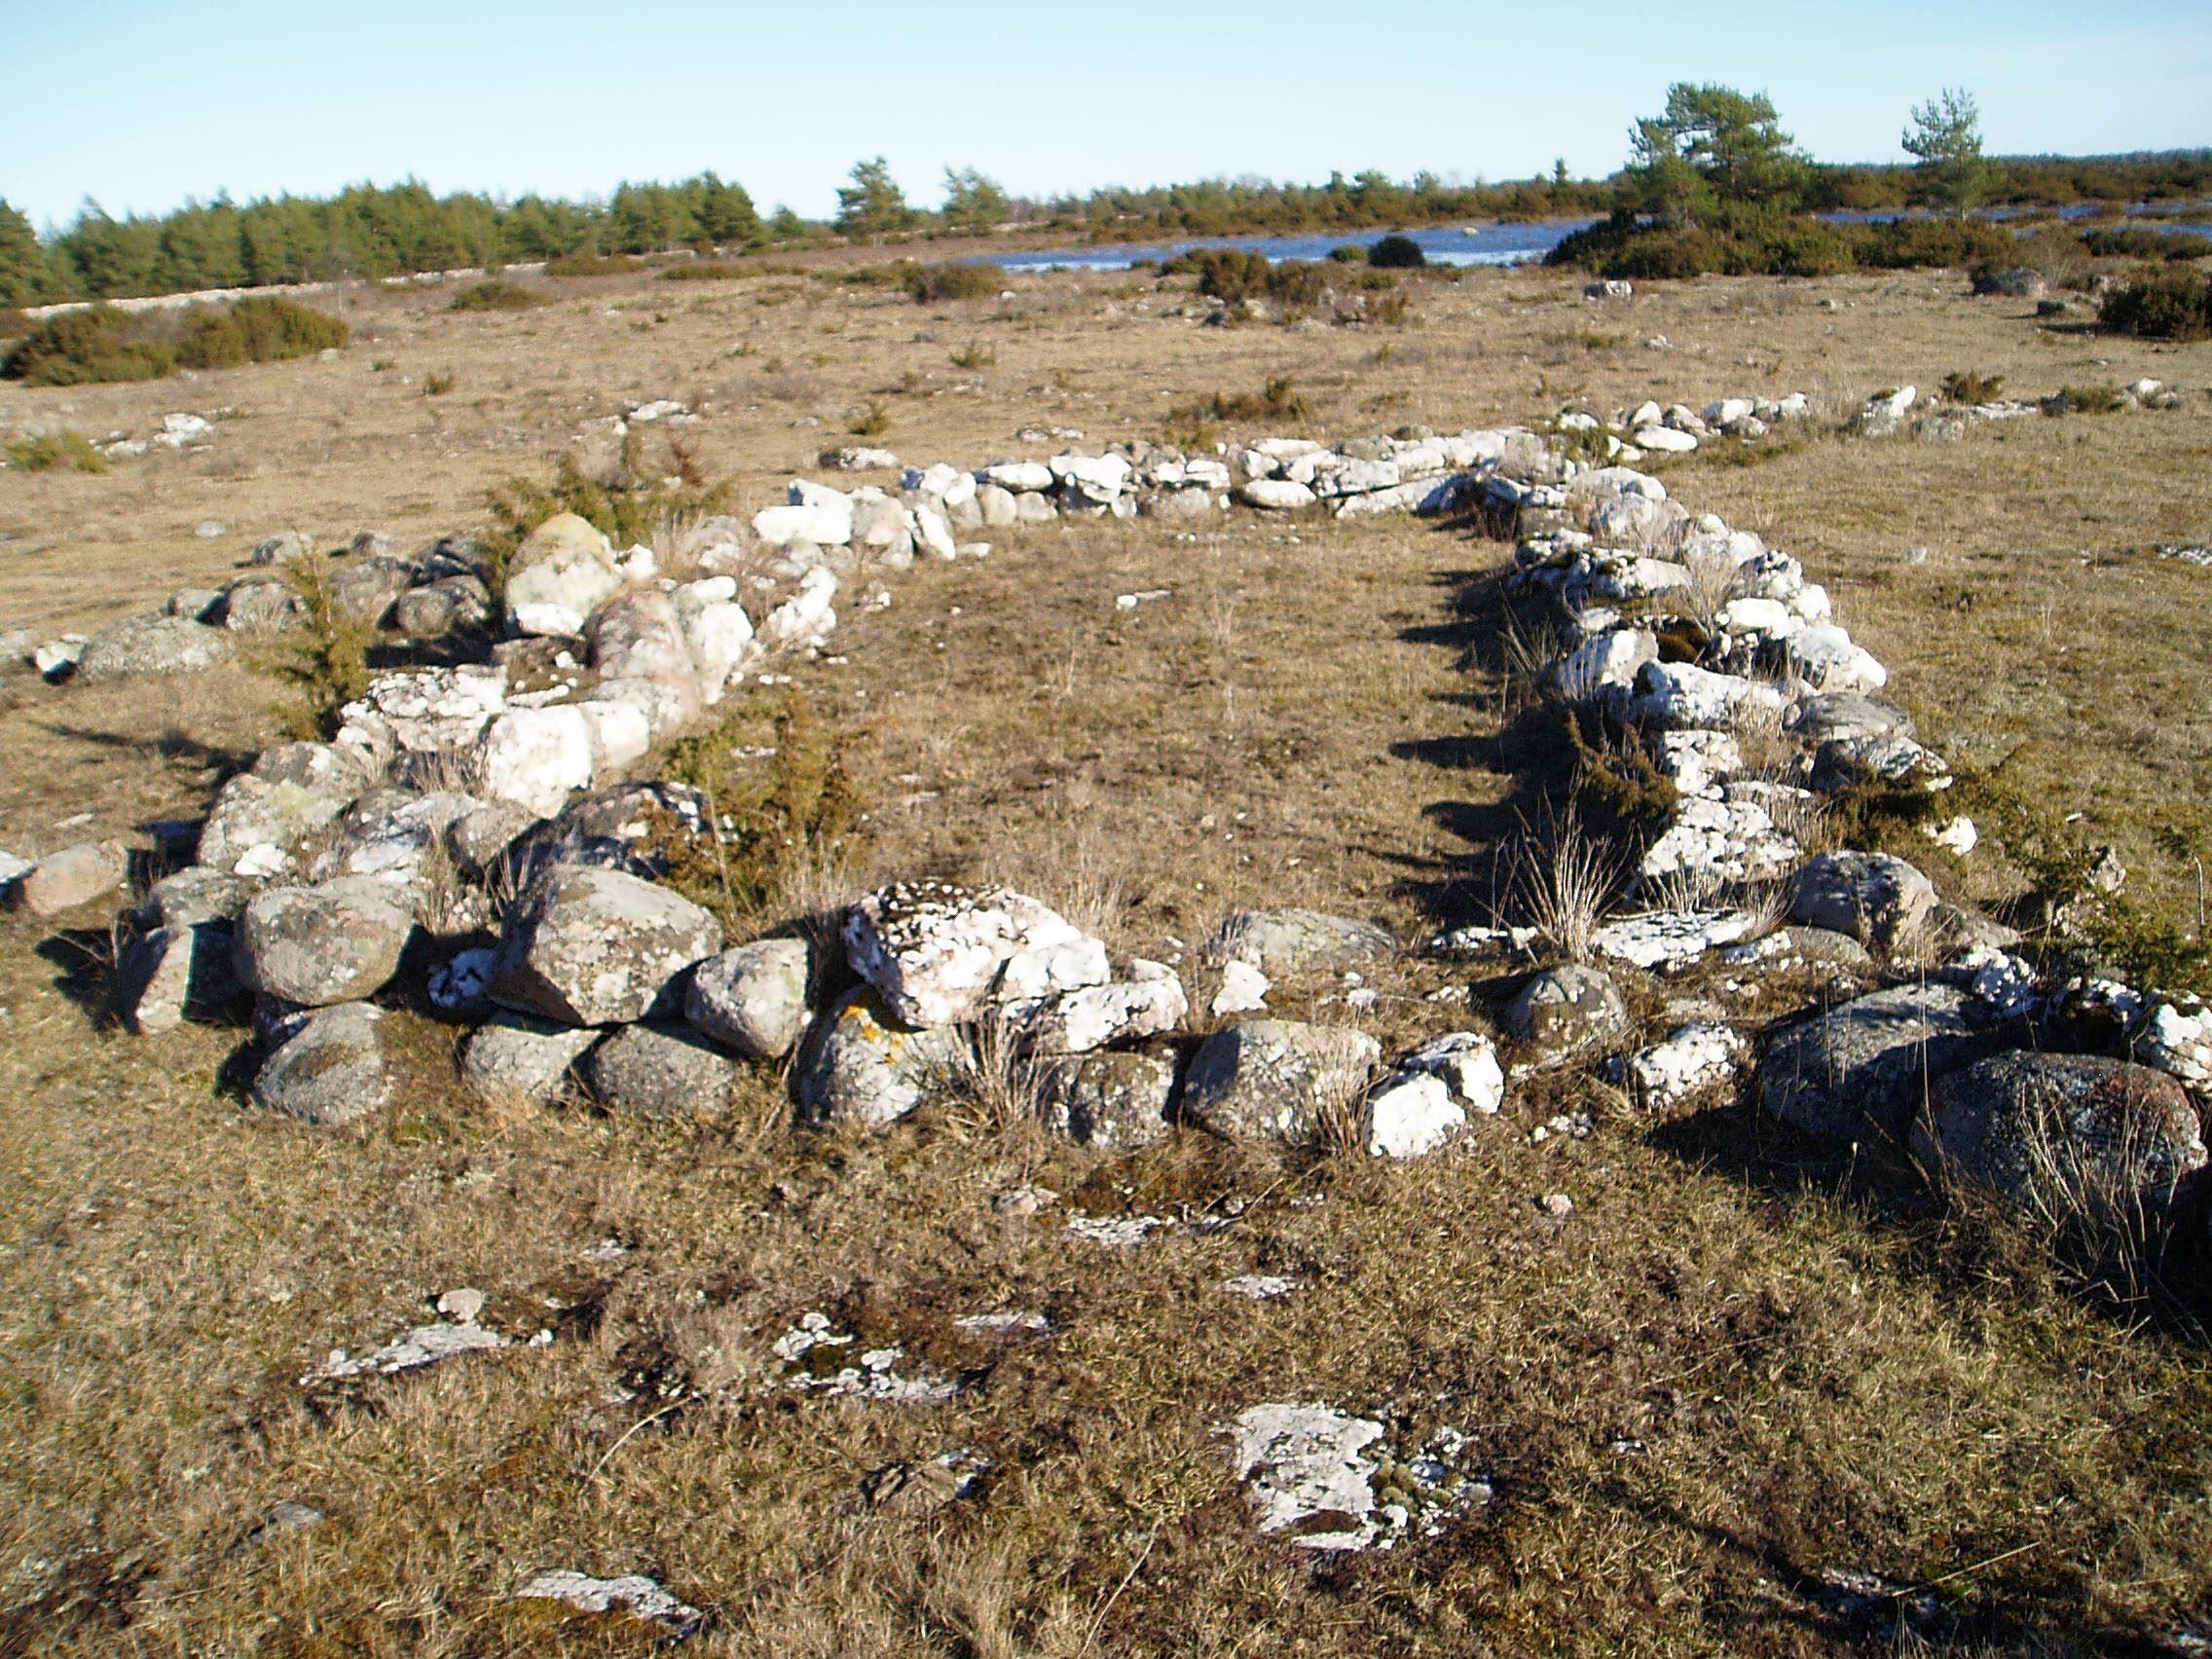 Järnåldersbebyggelsen vid Möckelmossen på Stora Alvaret.